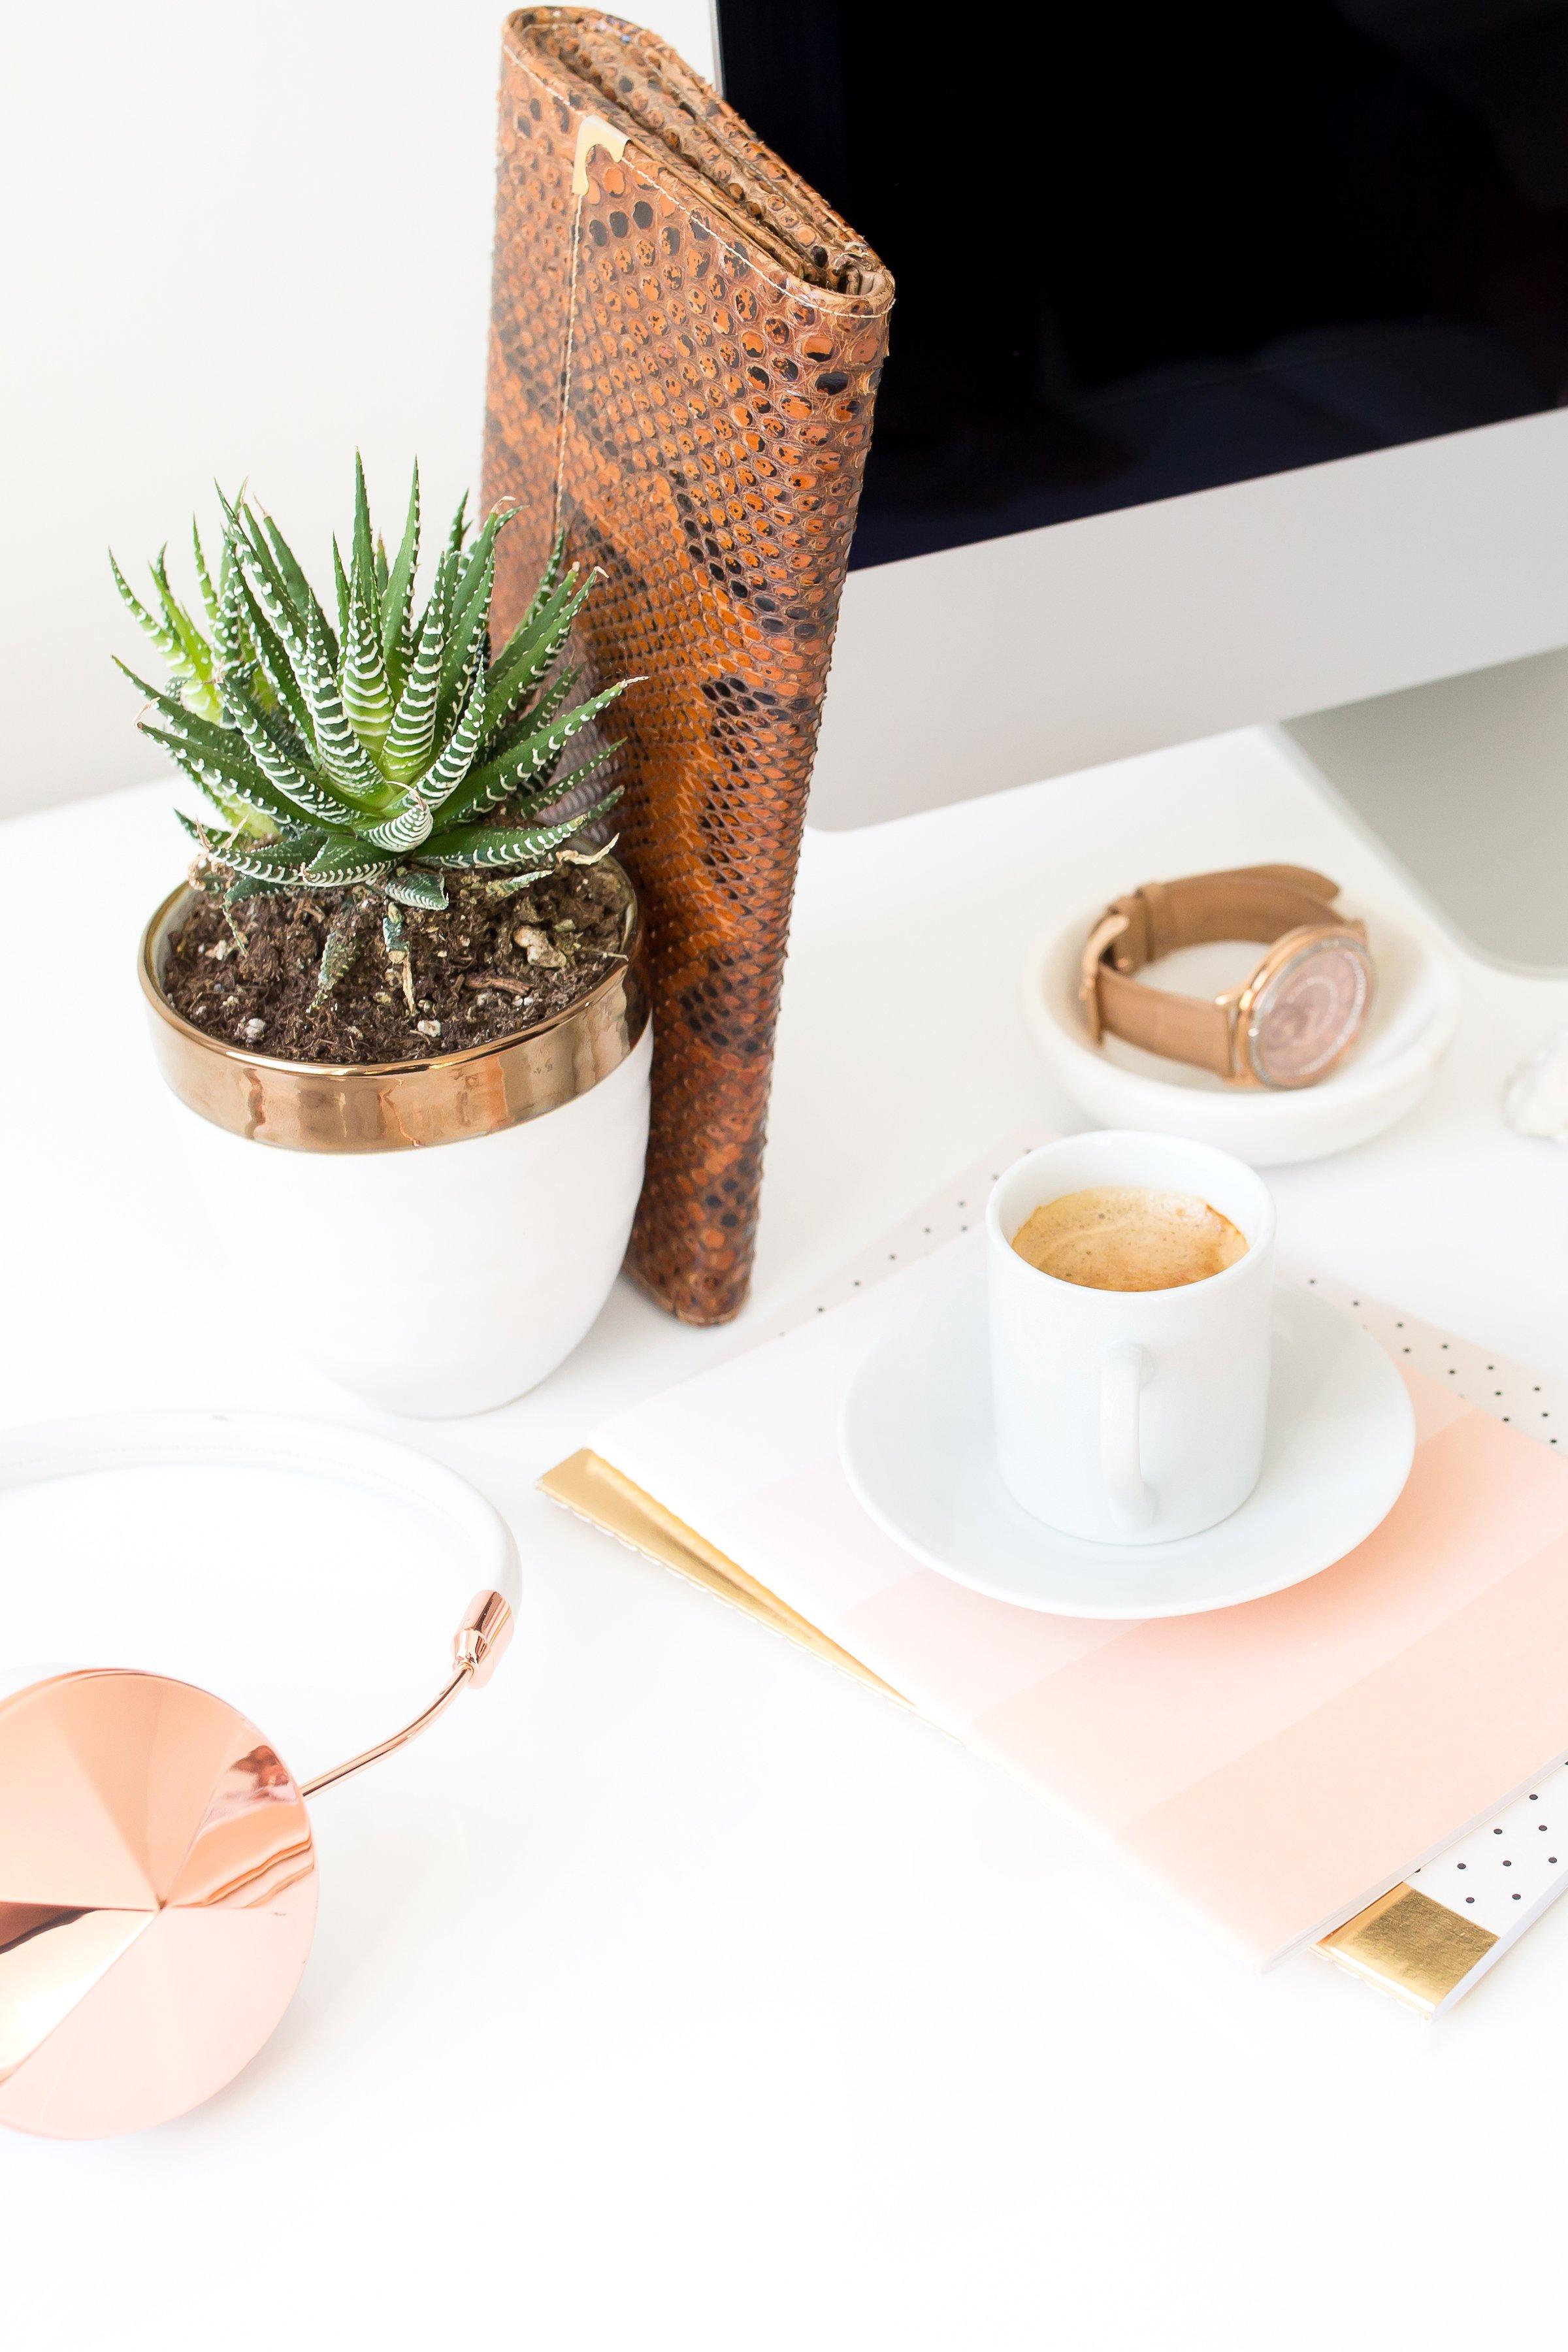 Freshly brewed espresso sitting on a peach styled desk.